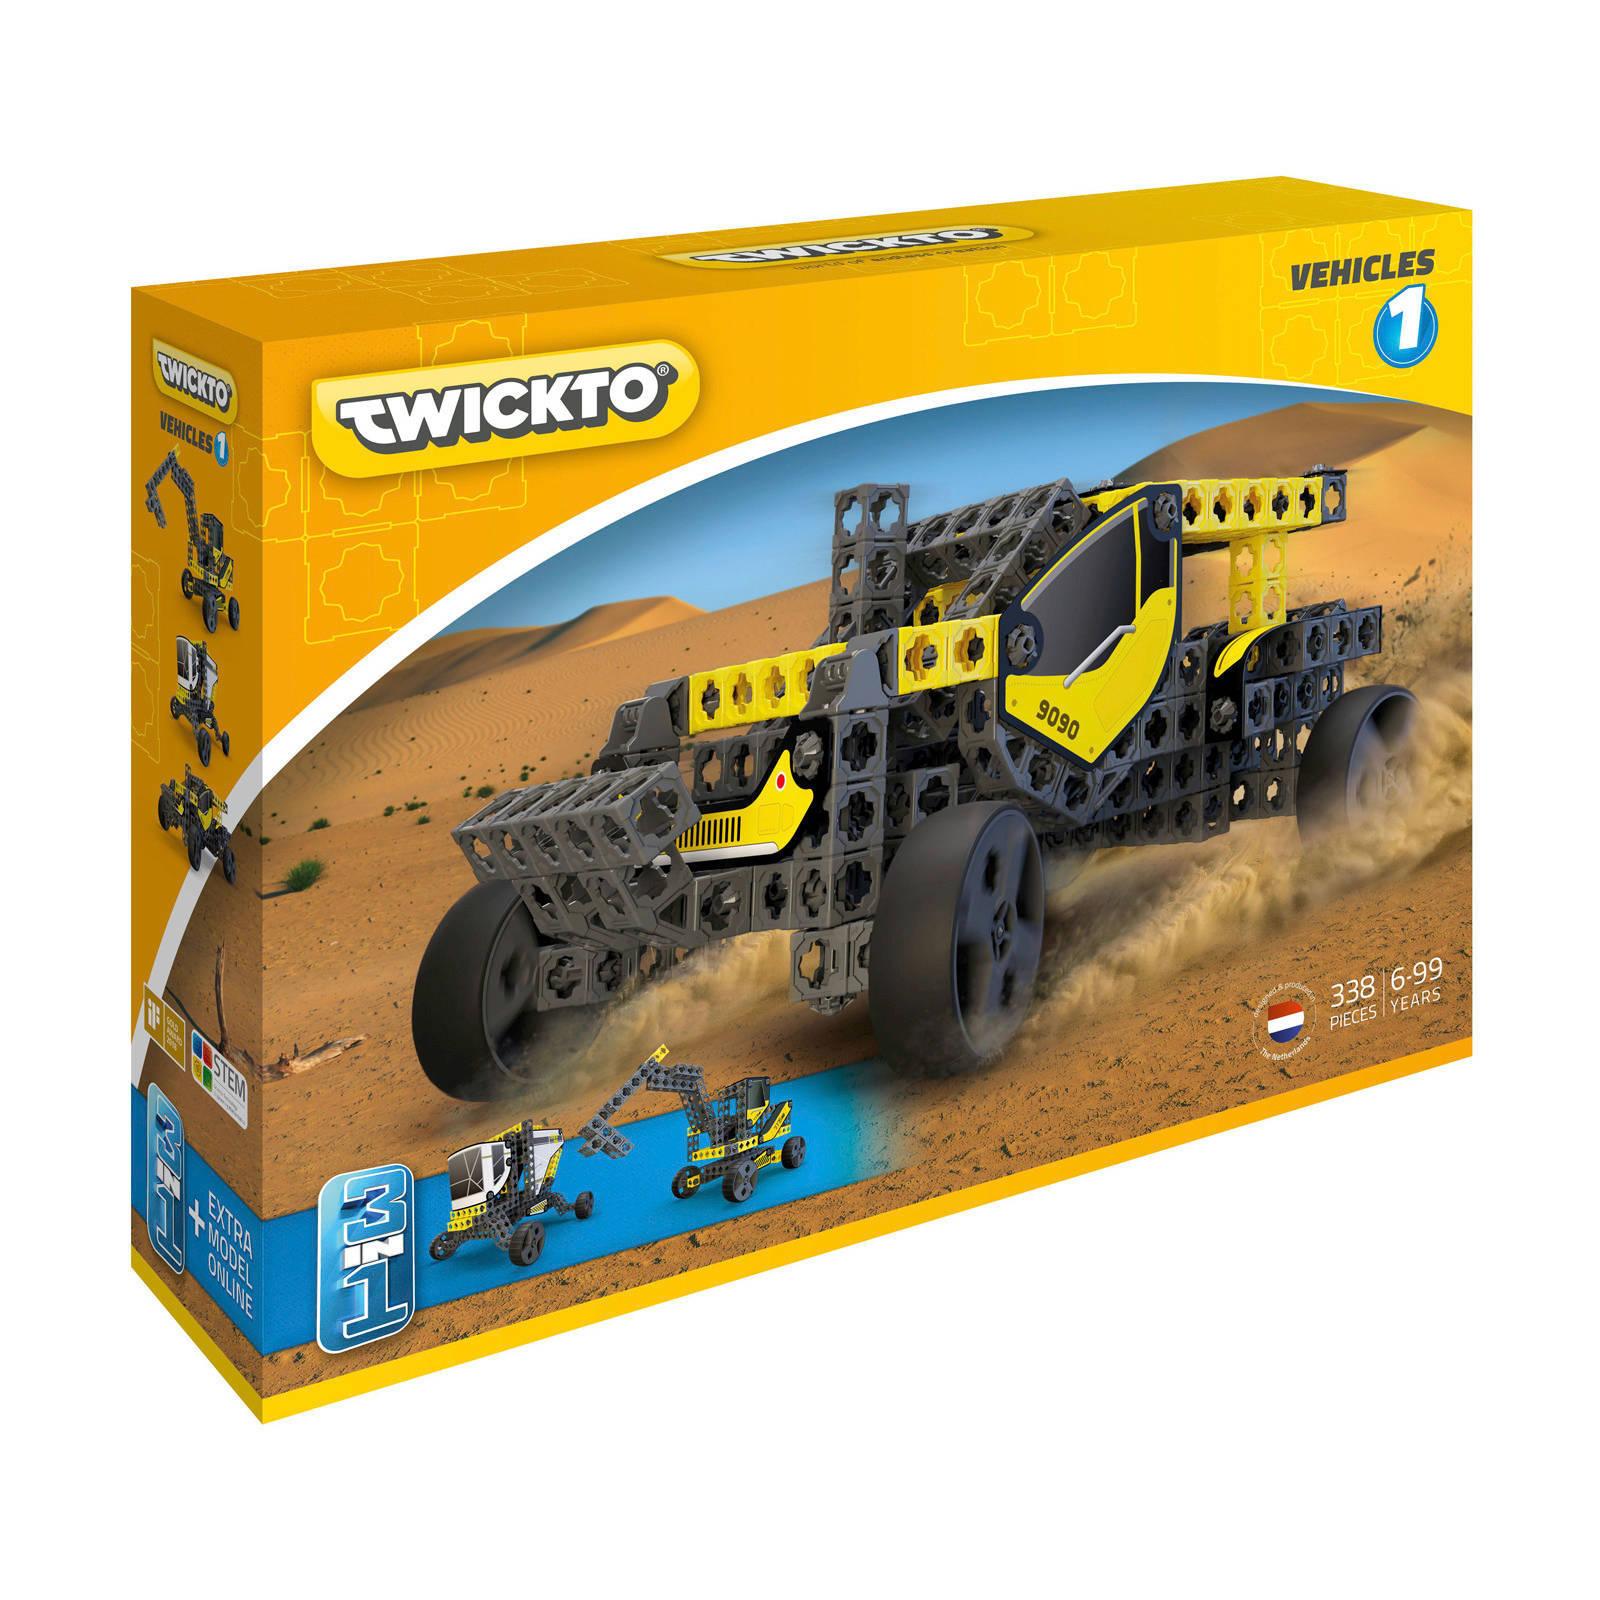 Twickto  Vehicles #1 338-delig